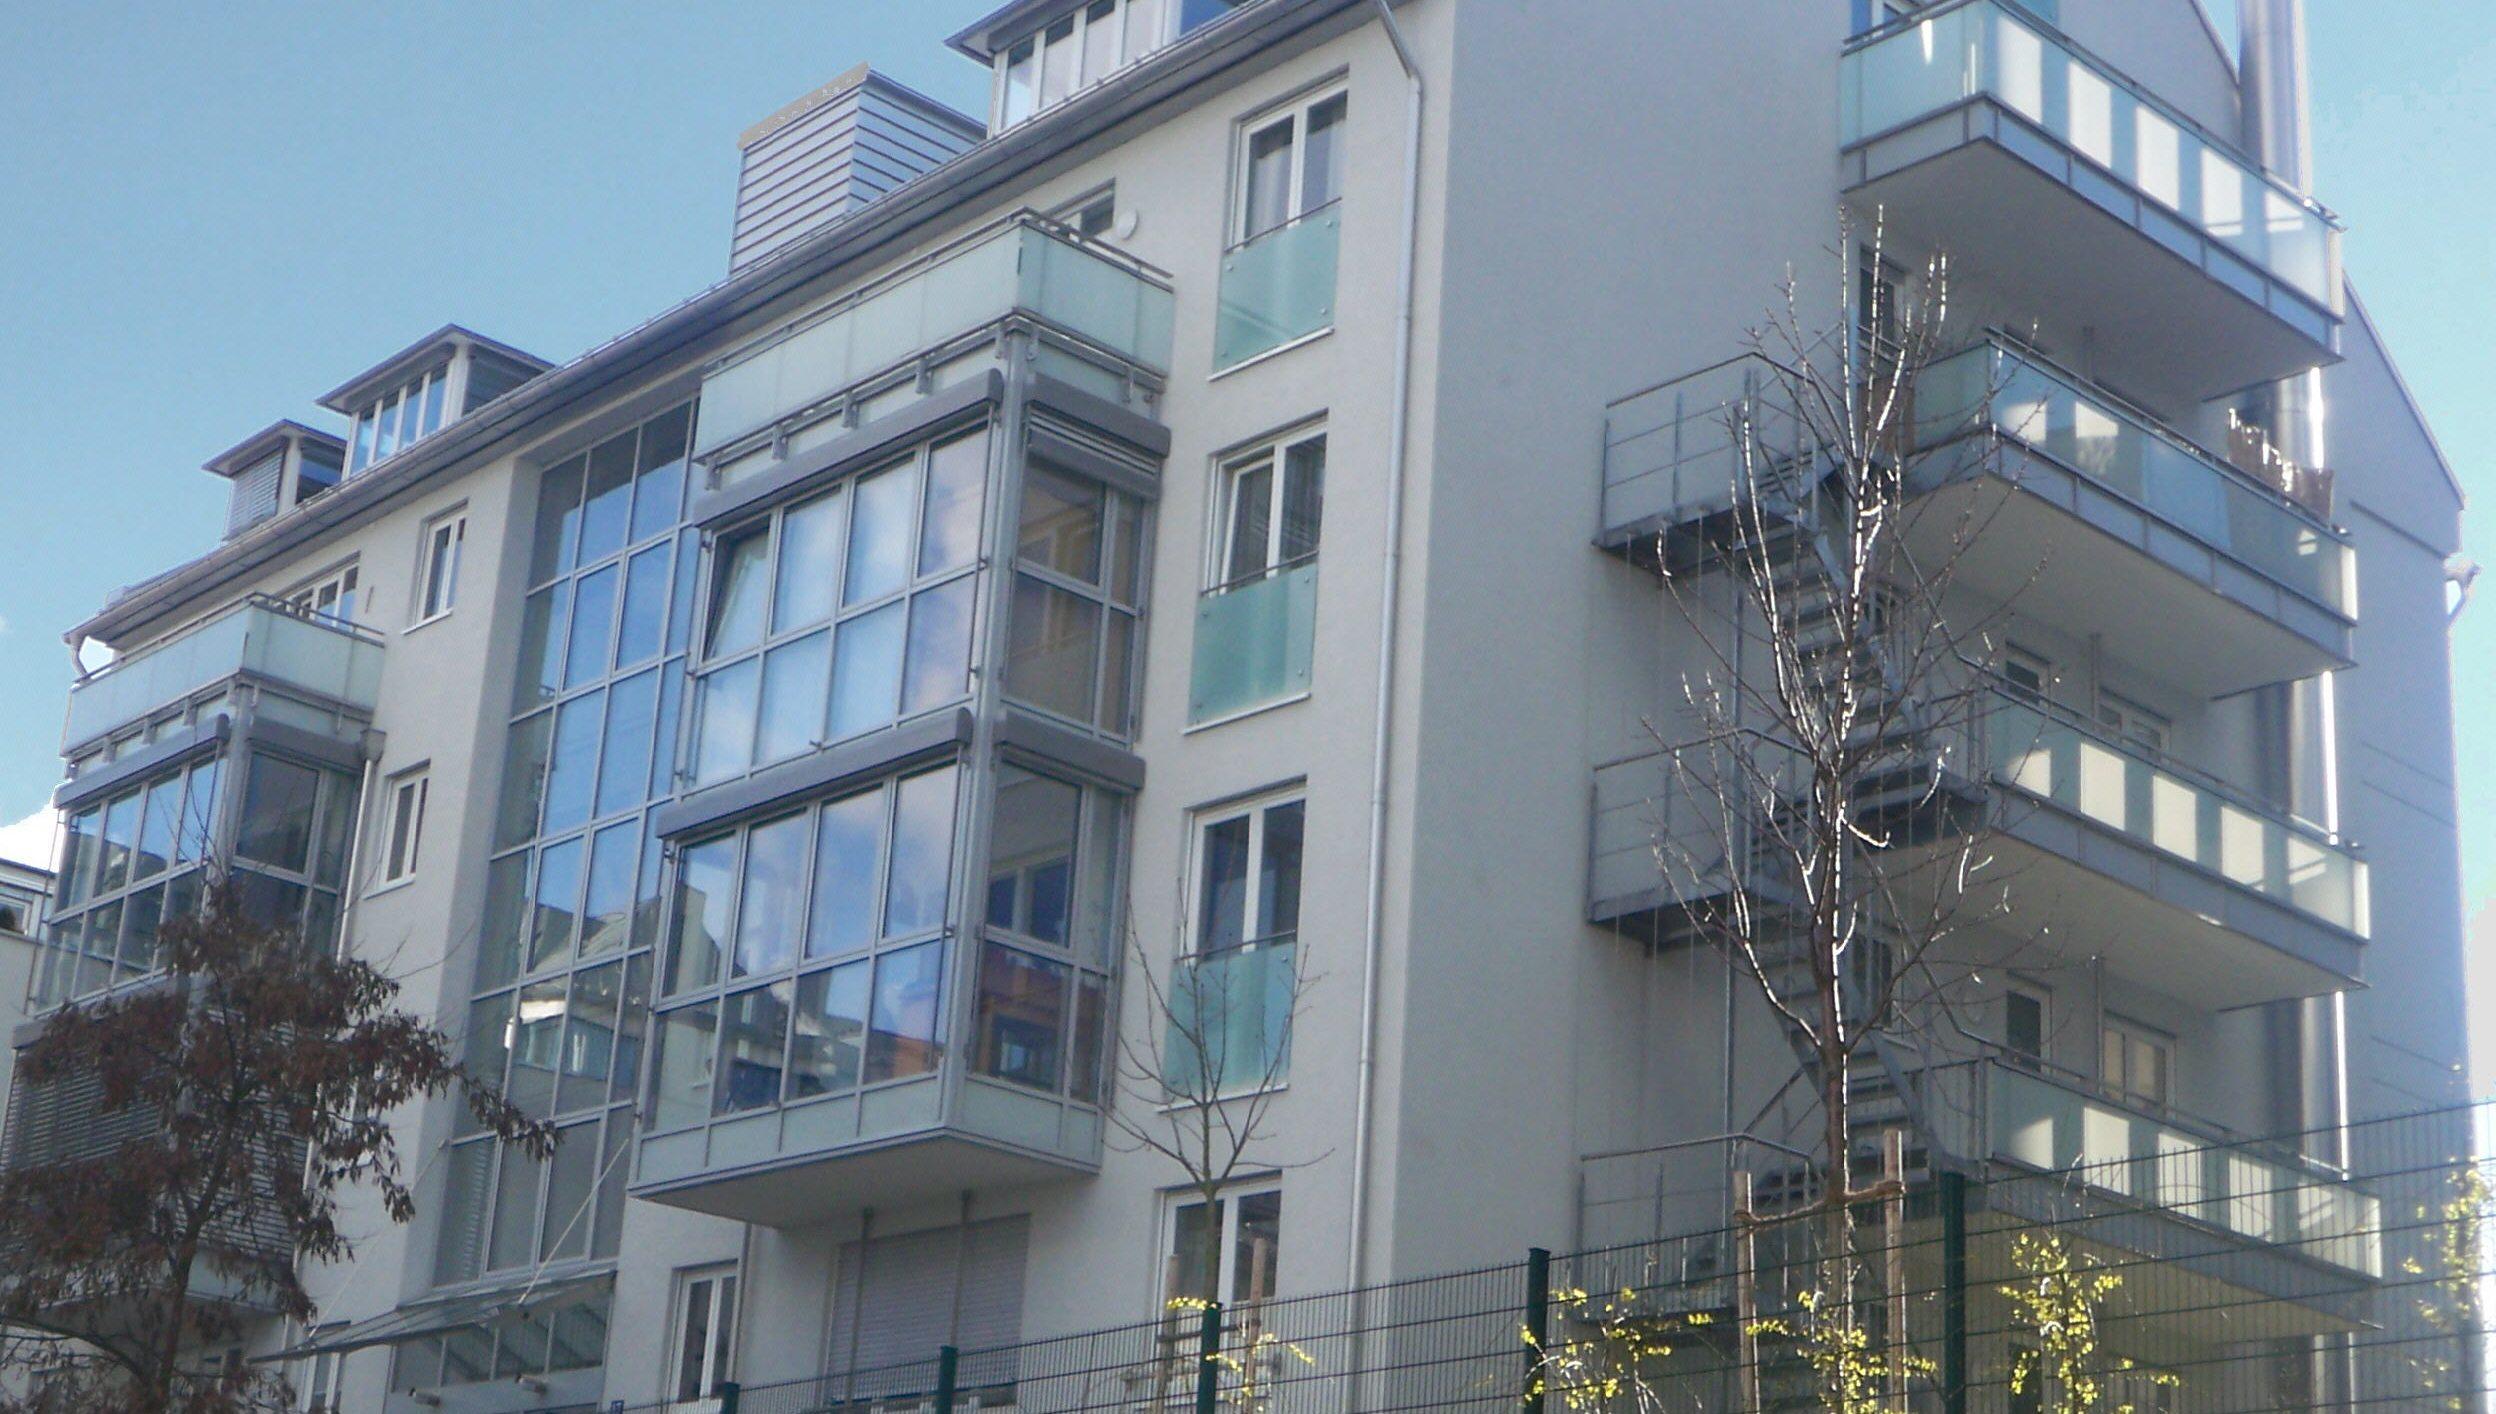 Neubau wohnanlage mit 32 wohnungen moser architekten - Moser architekten ...